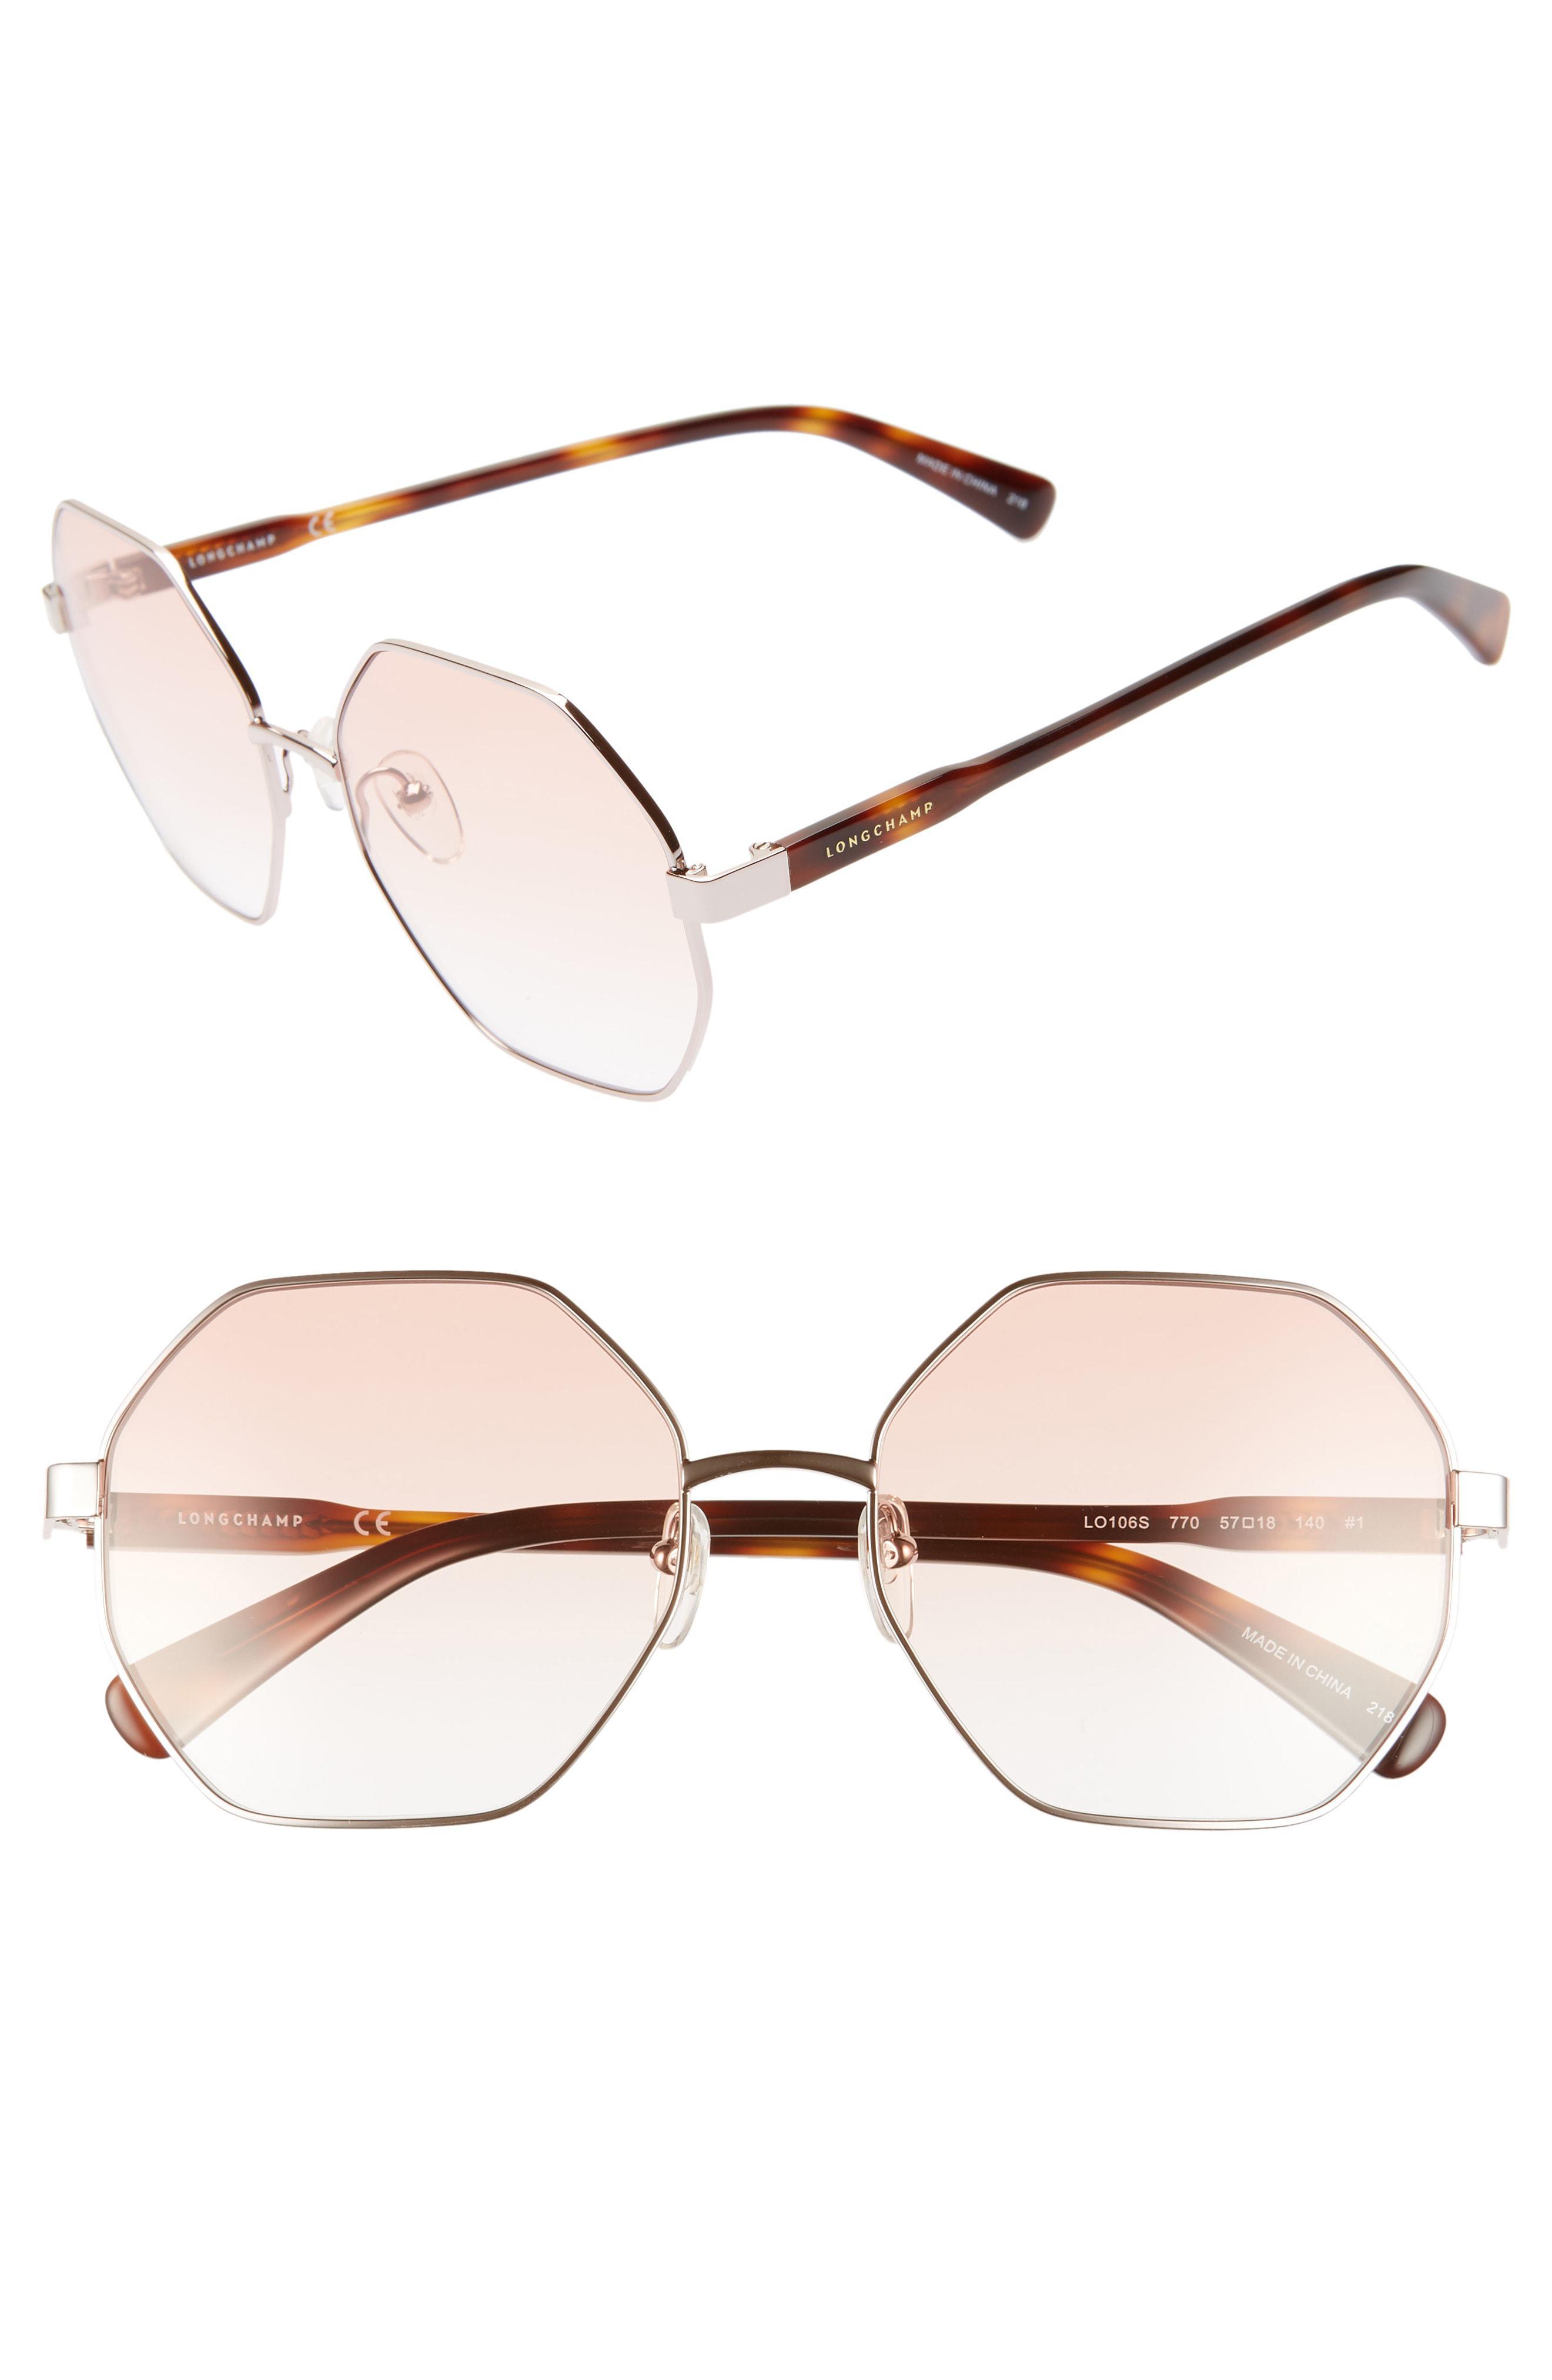 c7330a6b53 Longchamp - Multicolor Le Pliage 57mm Gradient Octagonal Sunglasses - Lyst.  View fullscreen